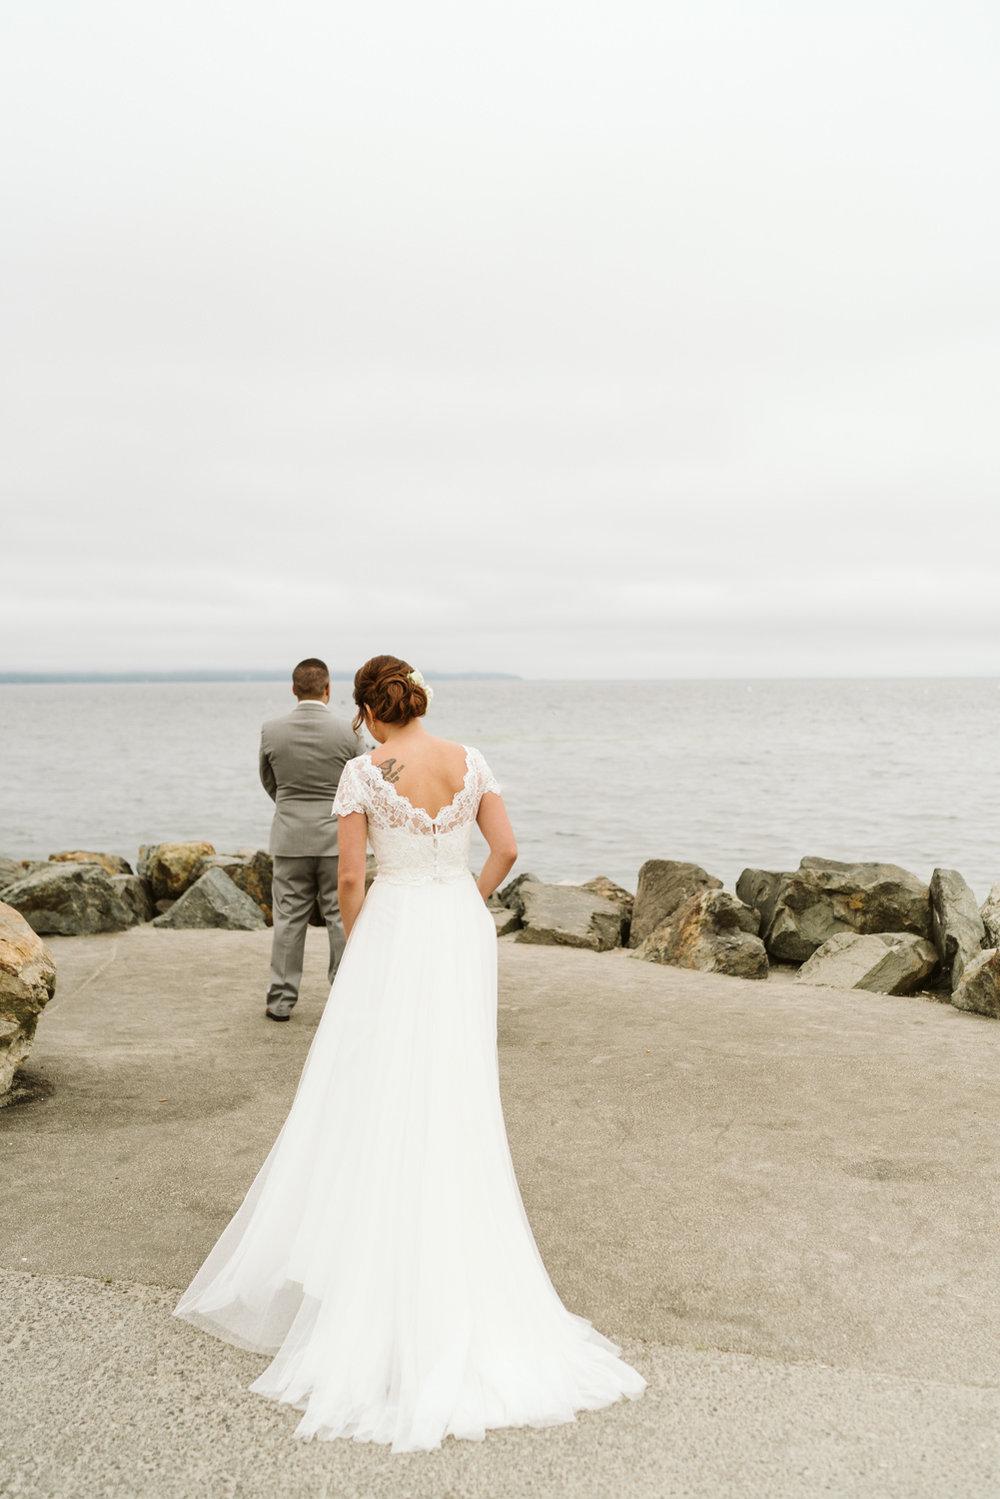 April Yentas Photography - nikita & colin slideshow-14.jpg